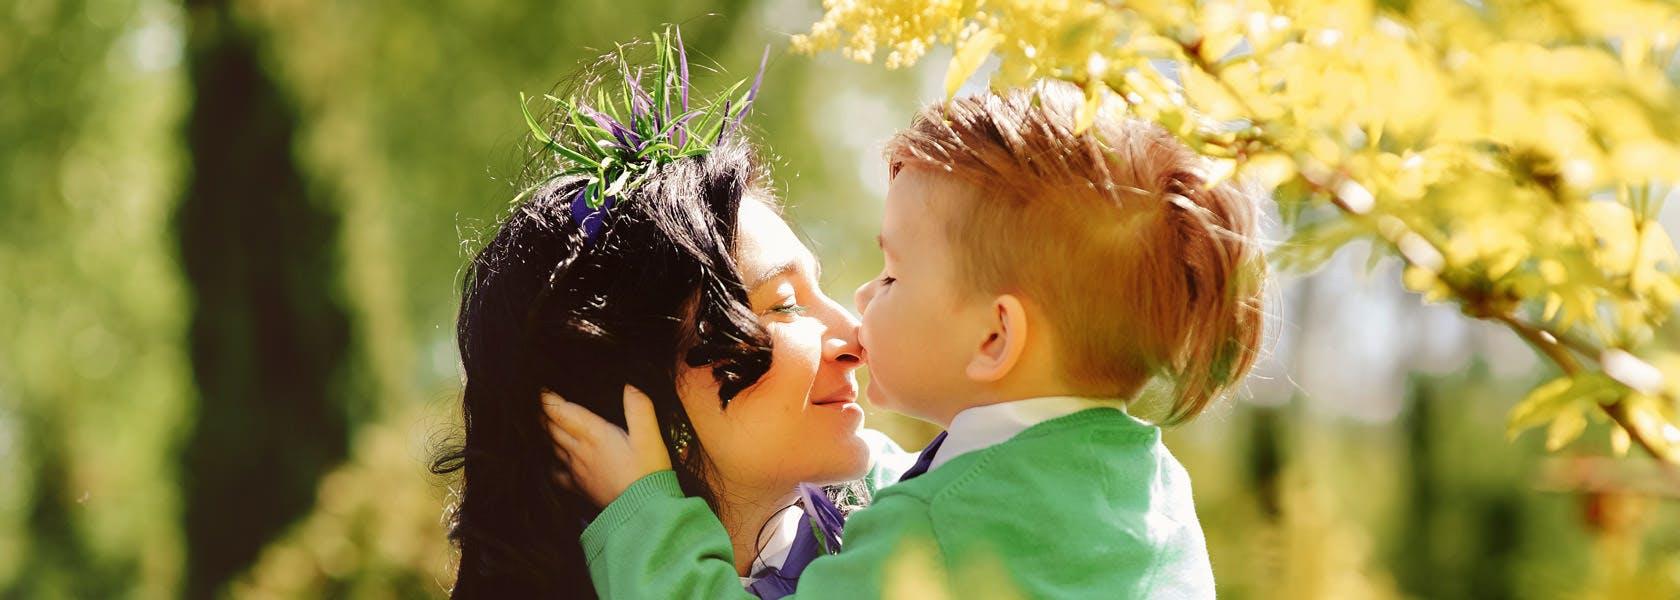 Madre e hijo al aire libre, el niño le esta dando un beso a la mamá en la nariz.